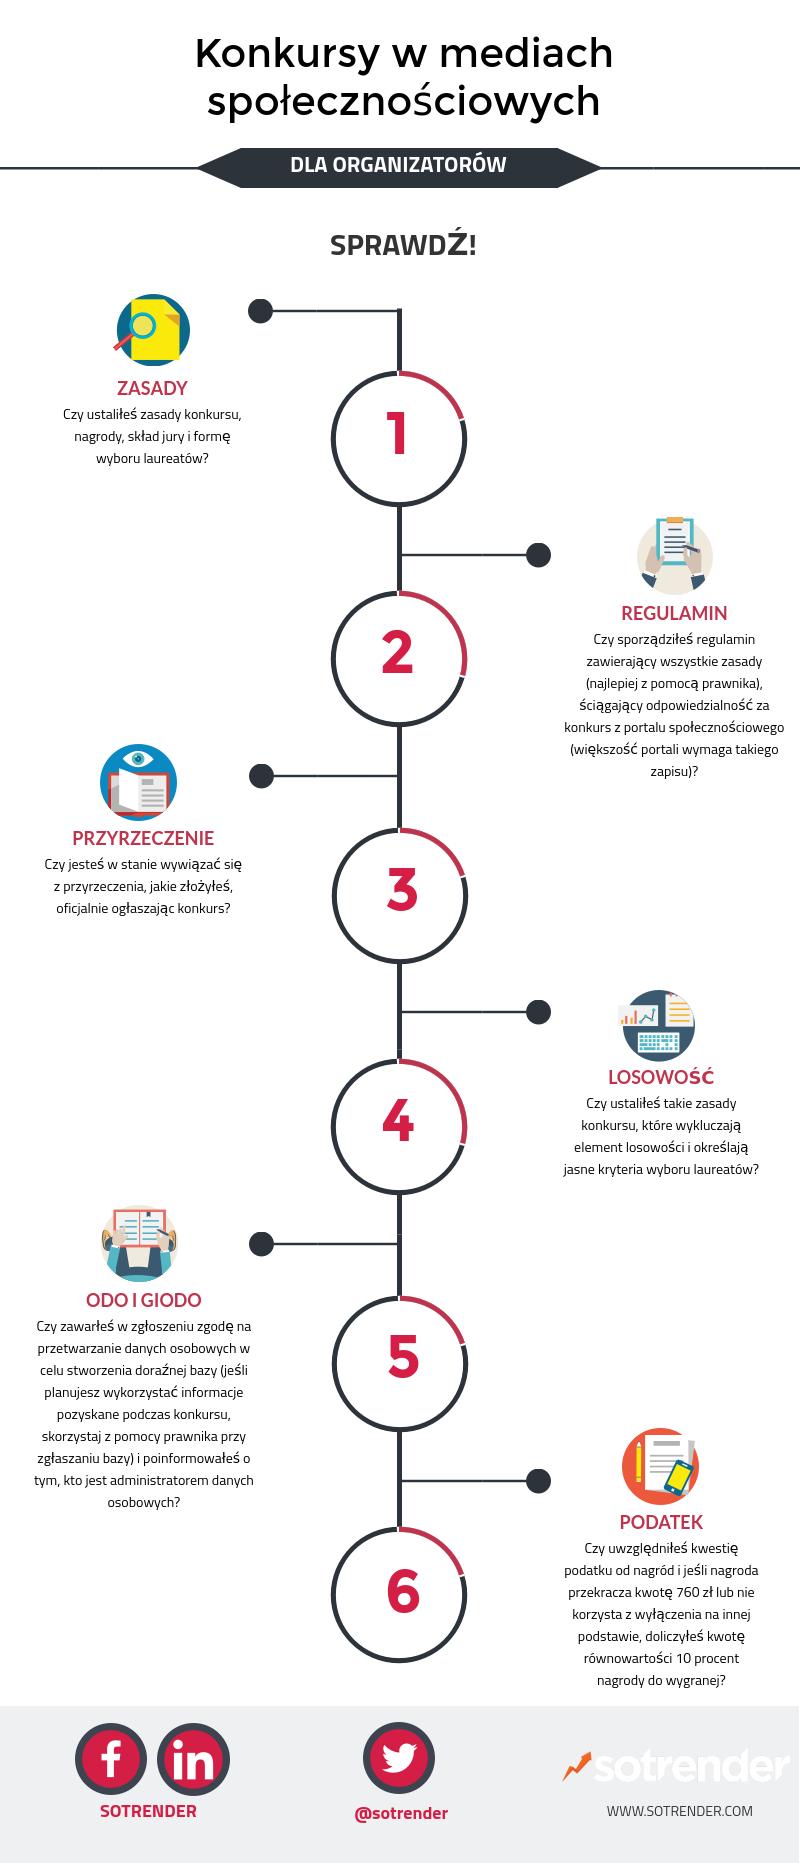 Konkursy w mediach społecznościowych dla organizatorów (infografika)